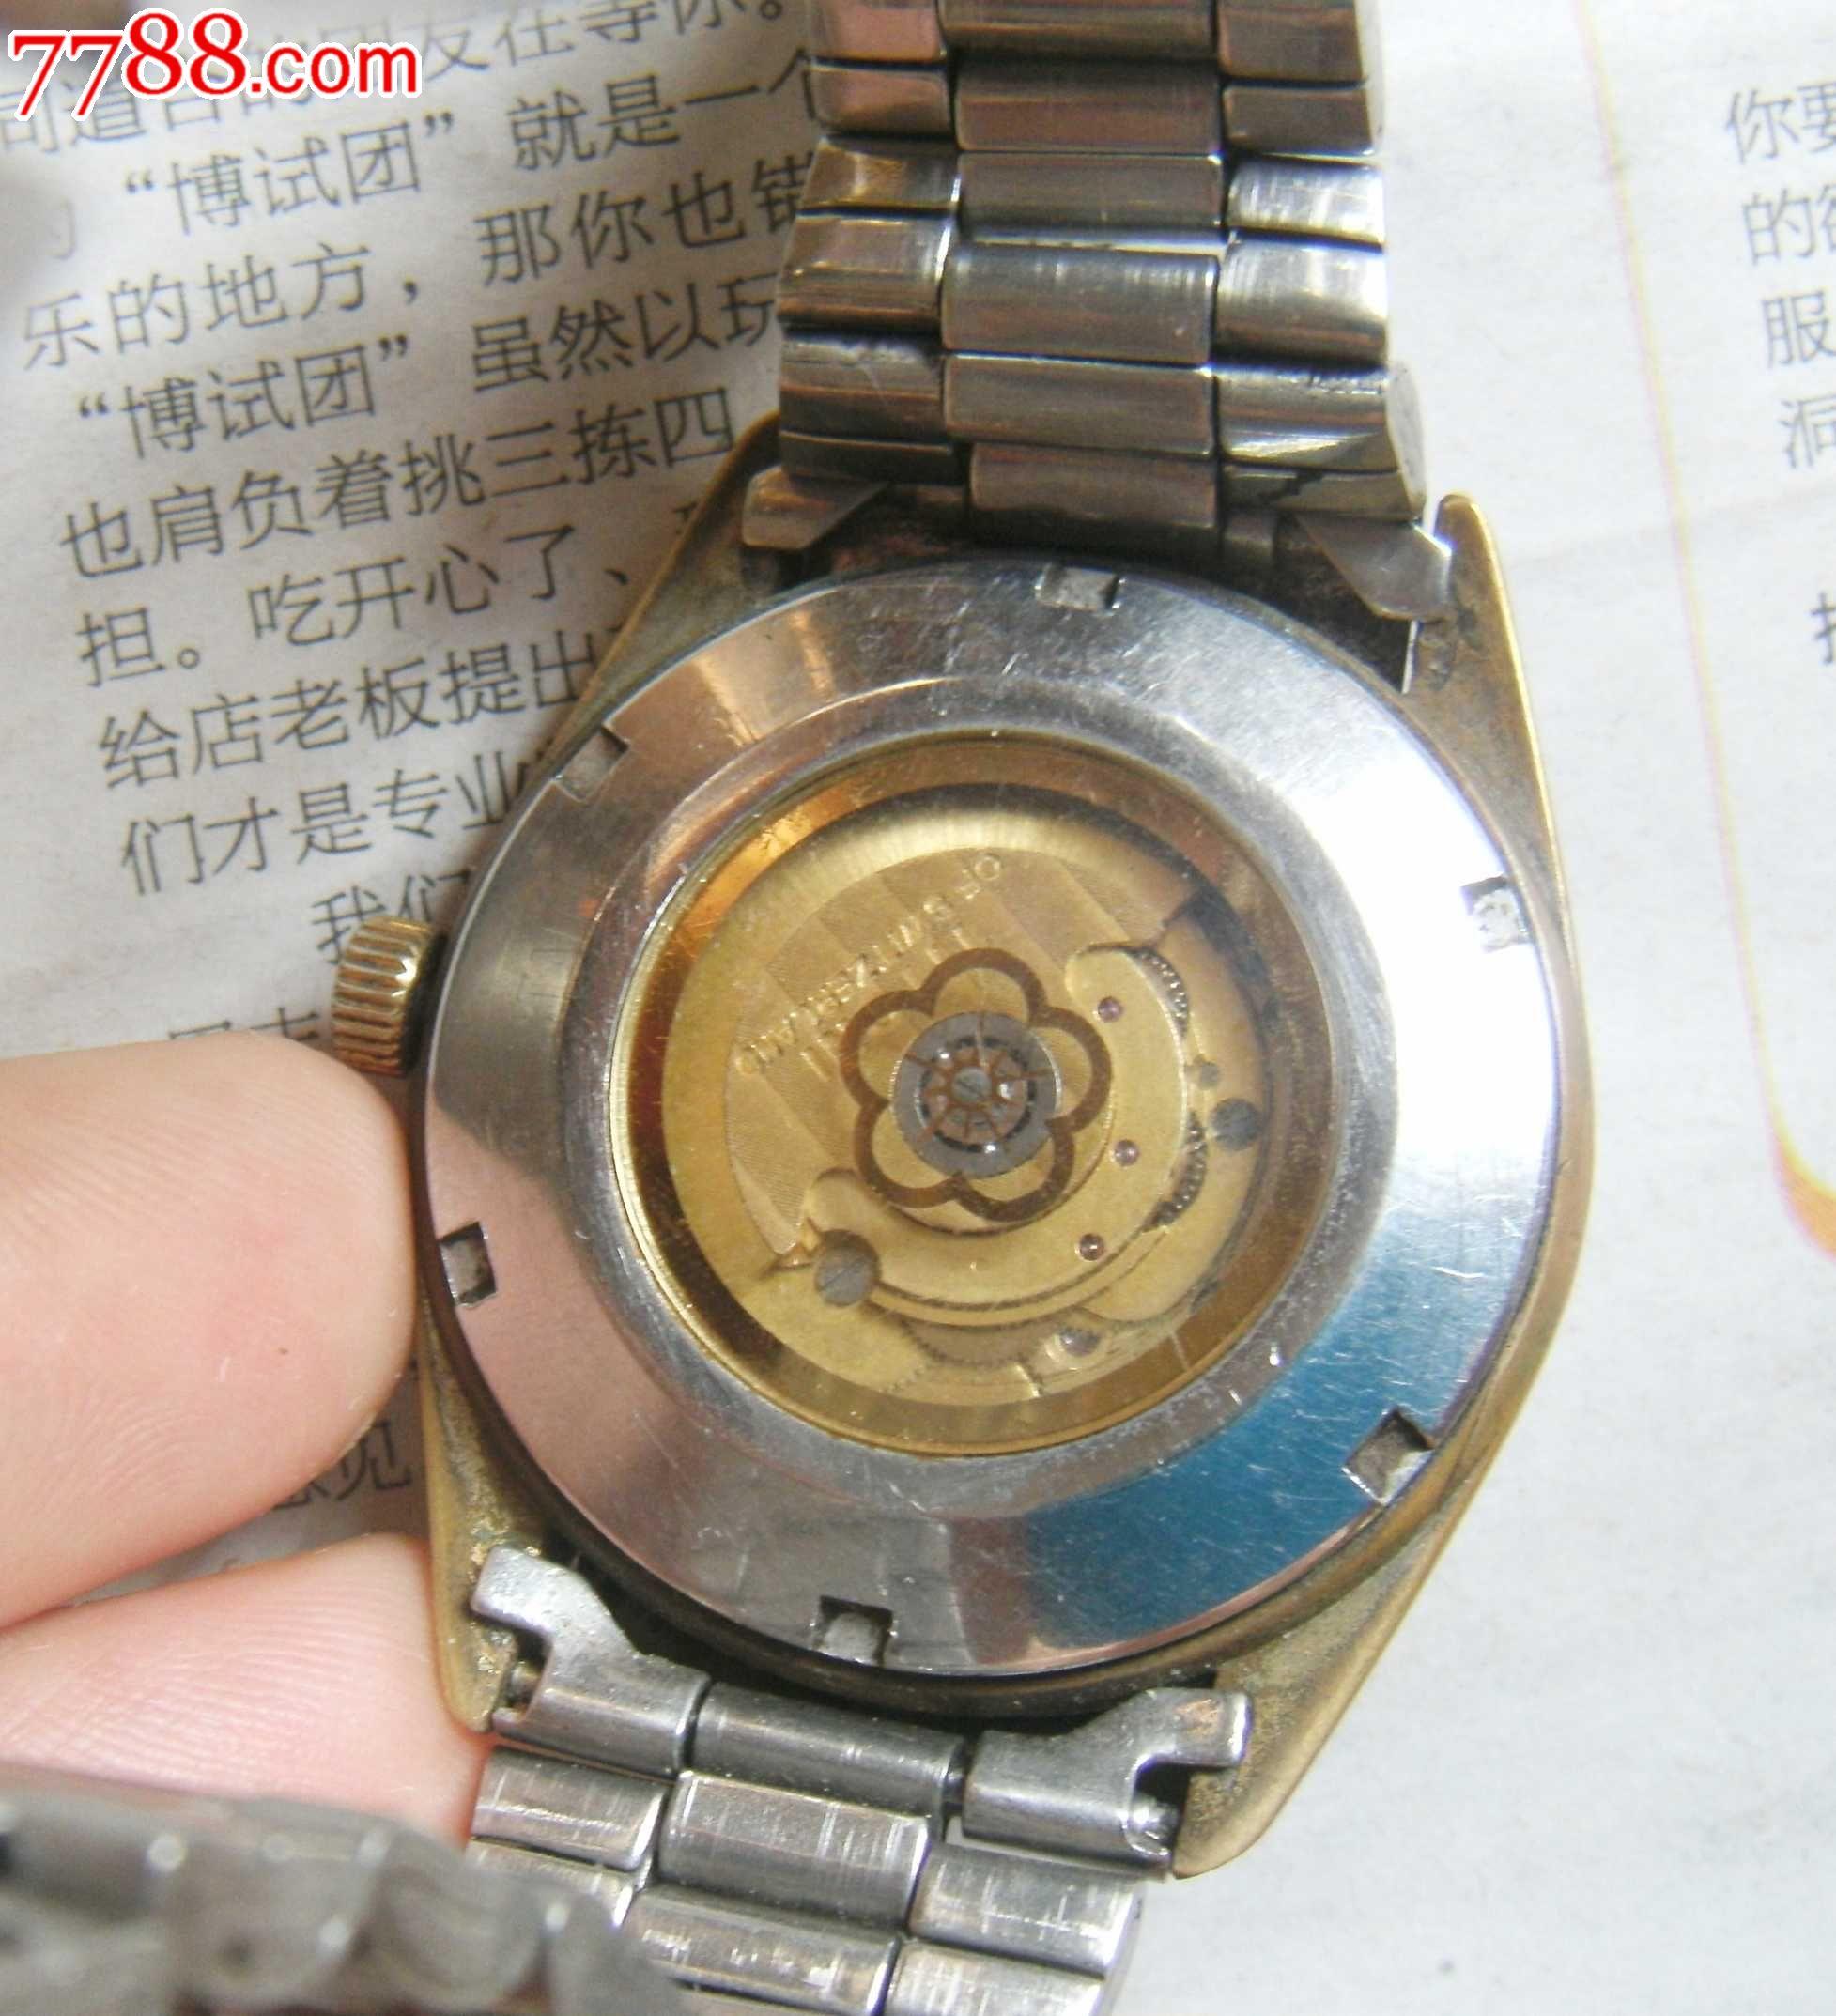 全自动机械手表怎么上发条?